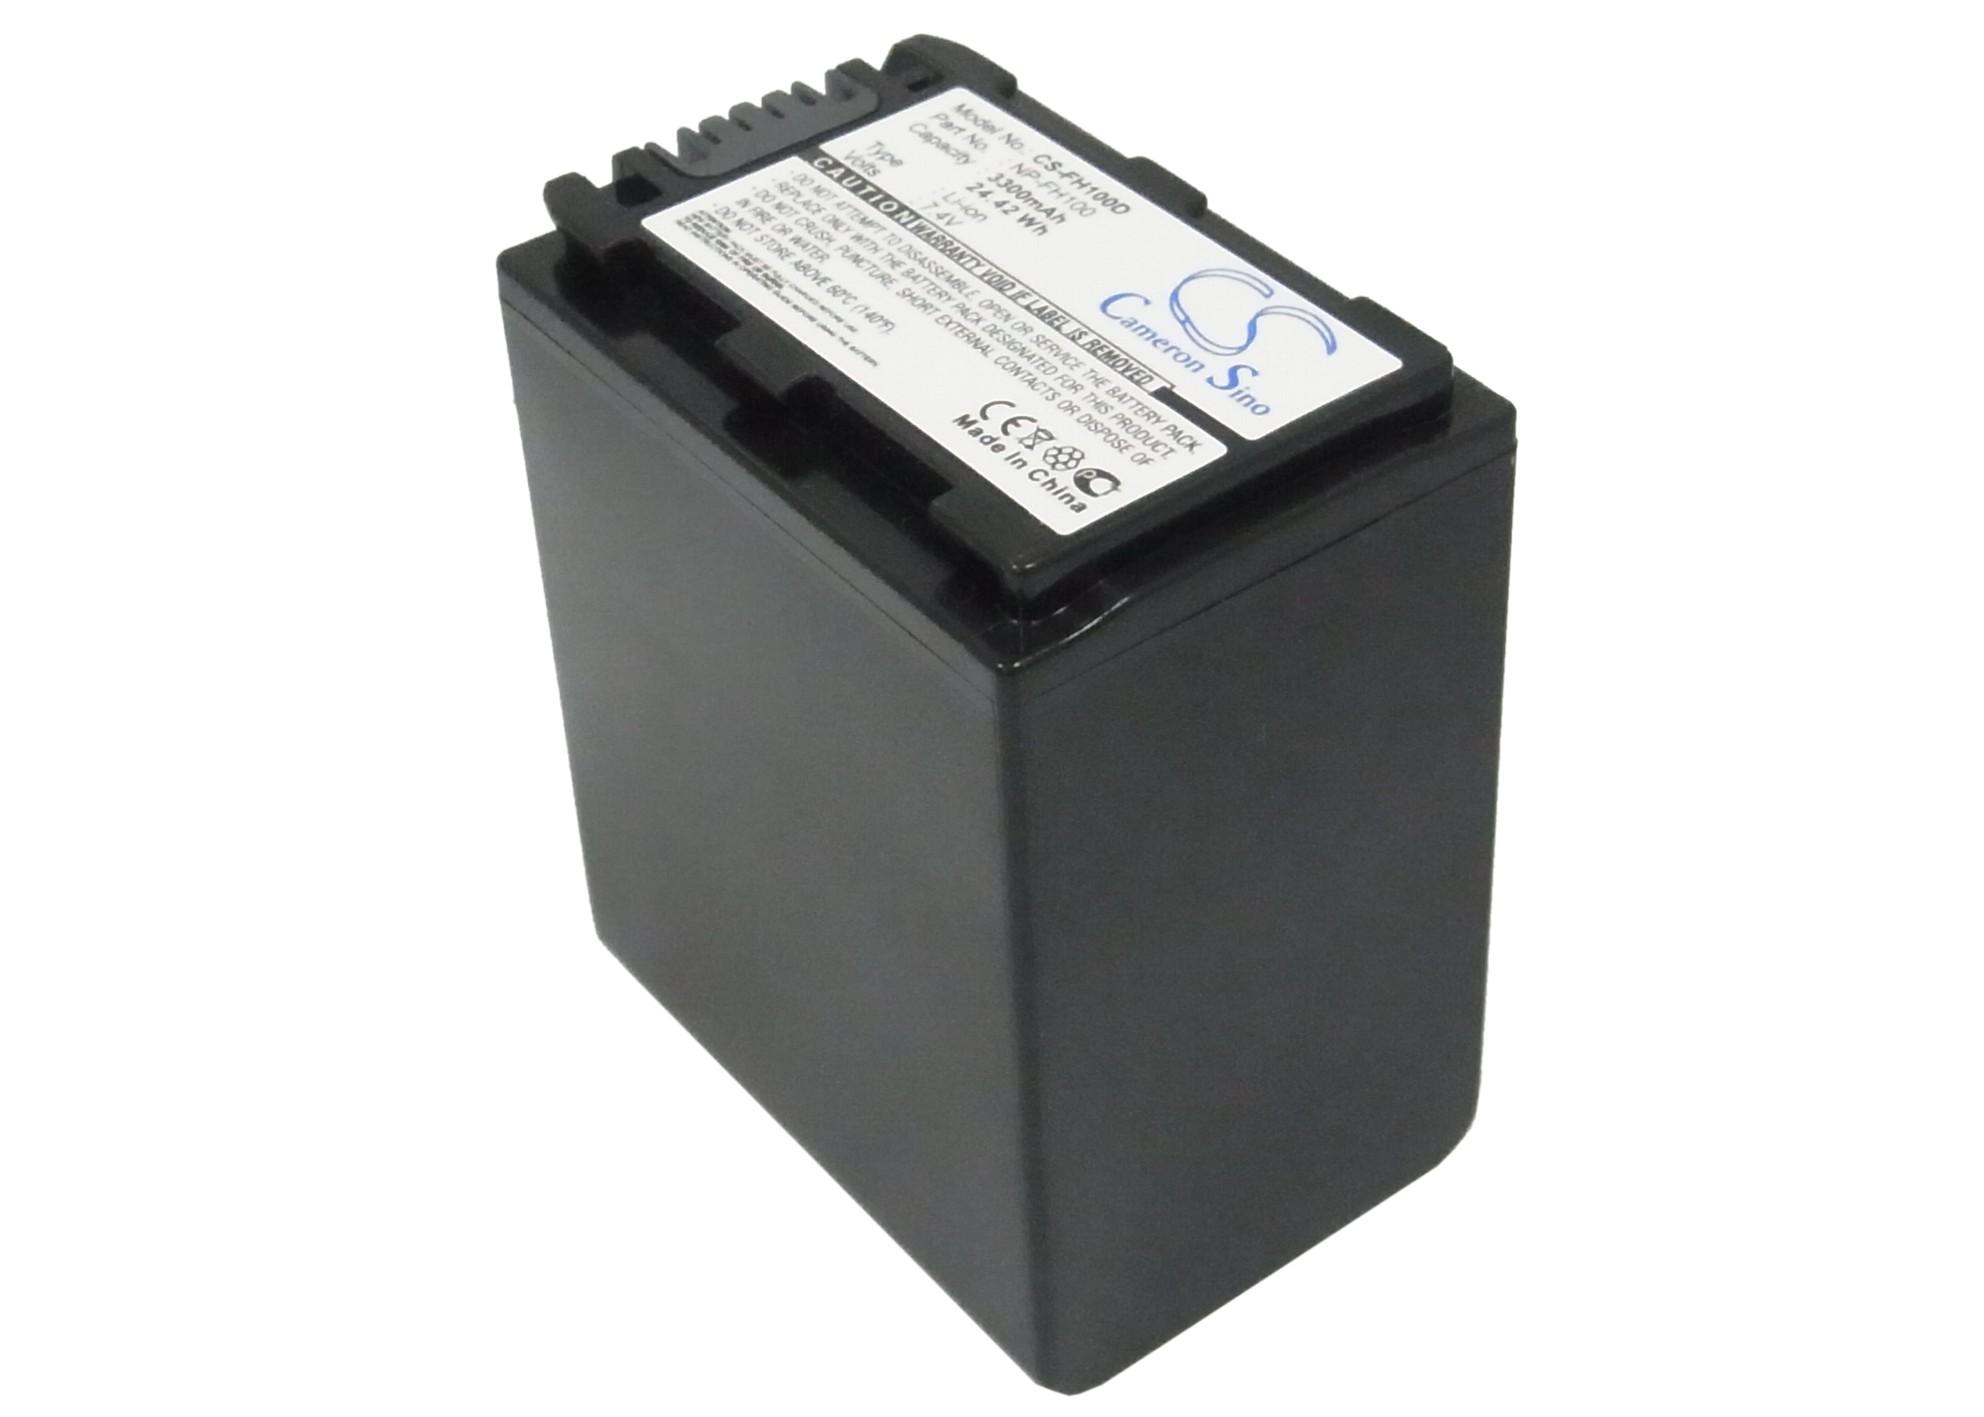 Cameron Sino baterie do kamer a fotoaparátů pro SONY HDR-UX20 7.4V Li-ion 3300mAh tmavě šedá - neoriginální